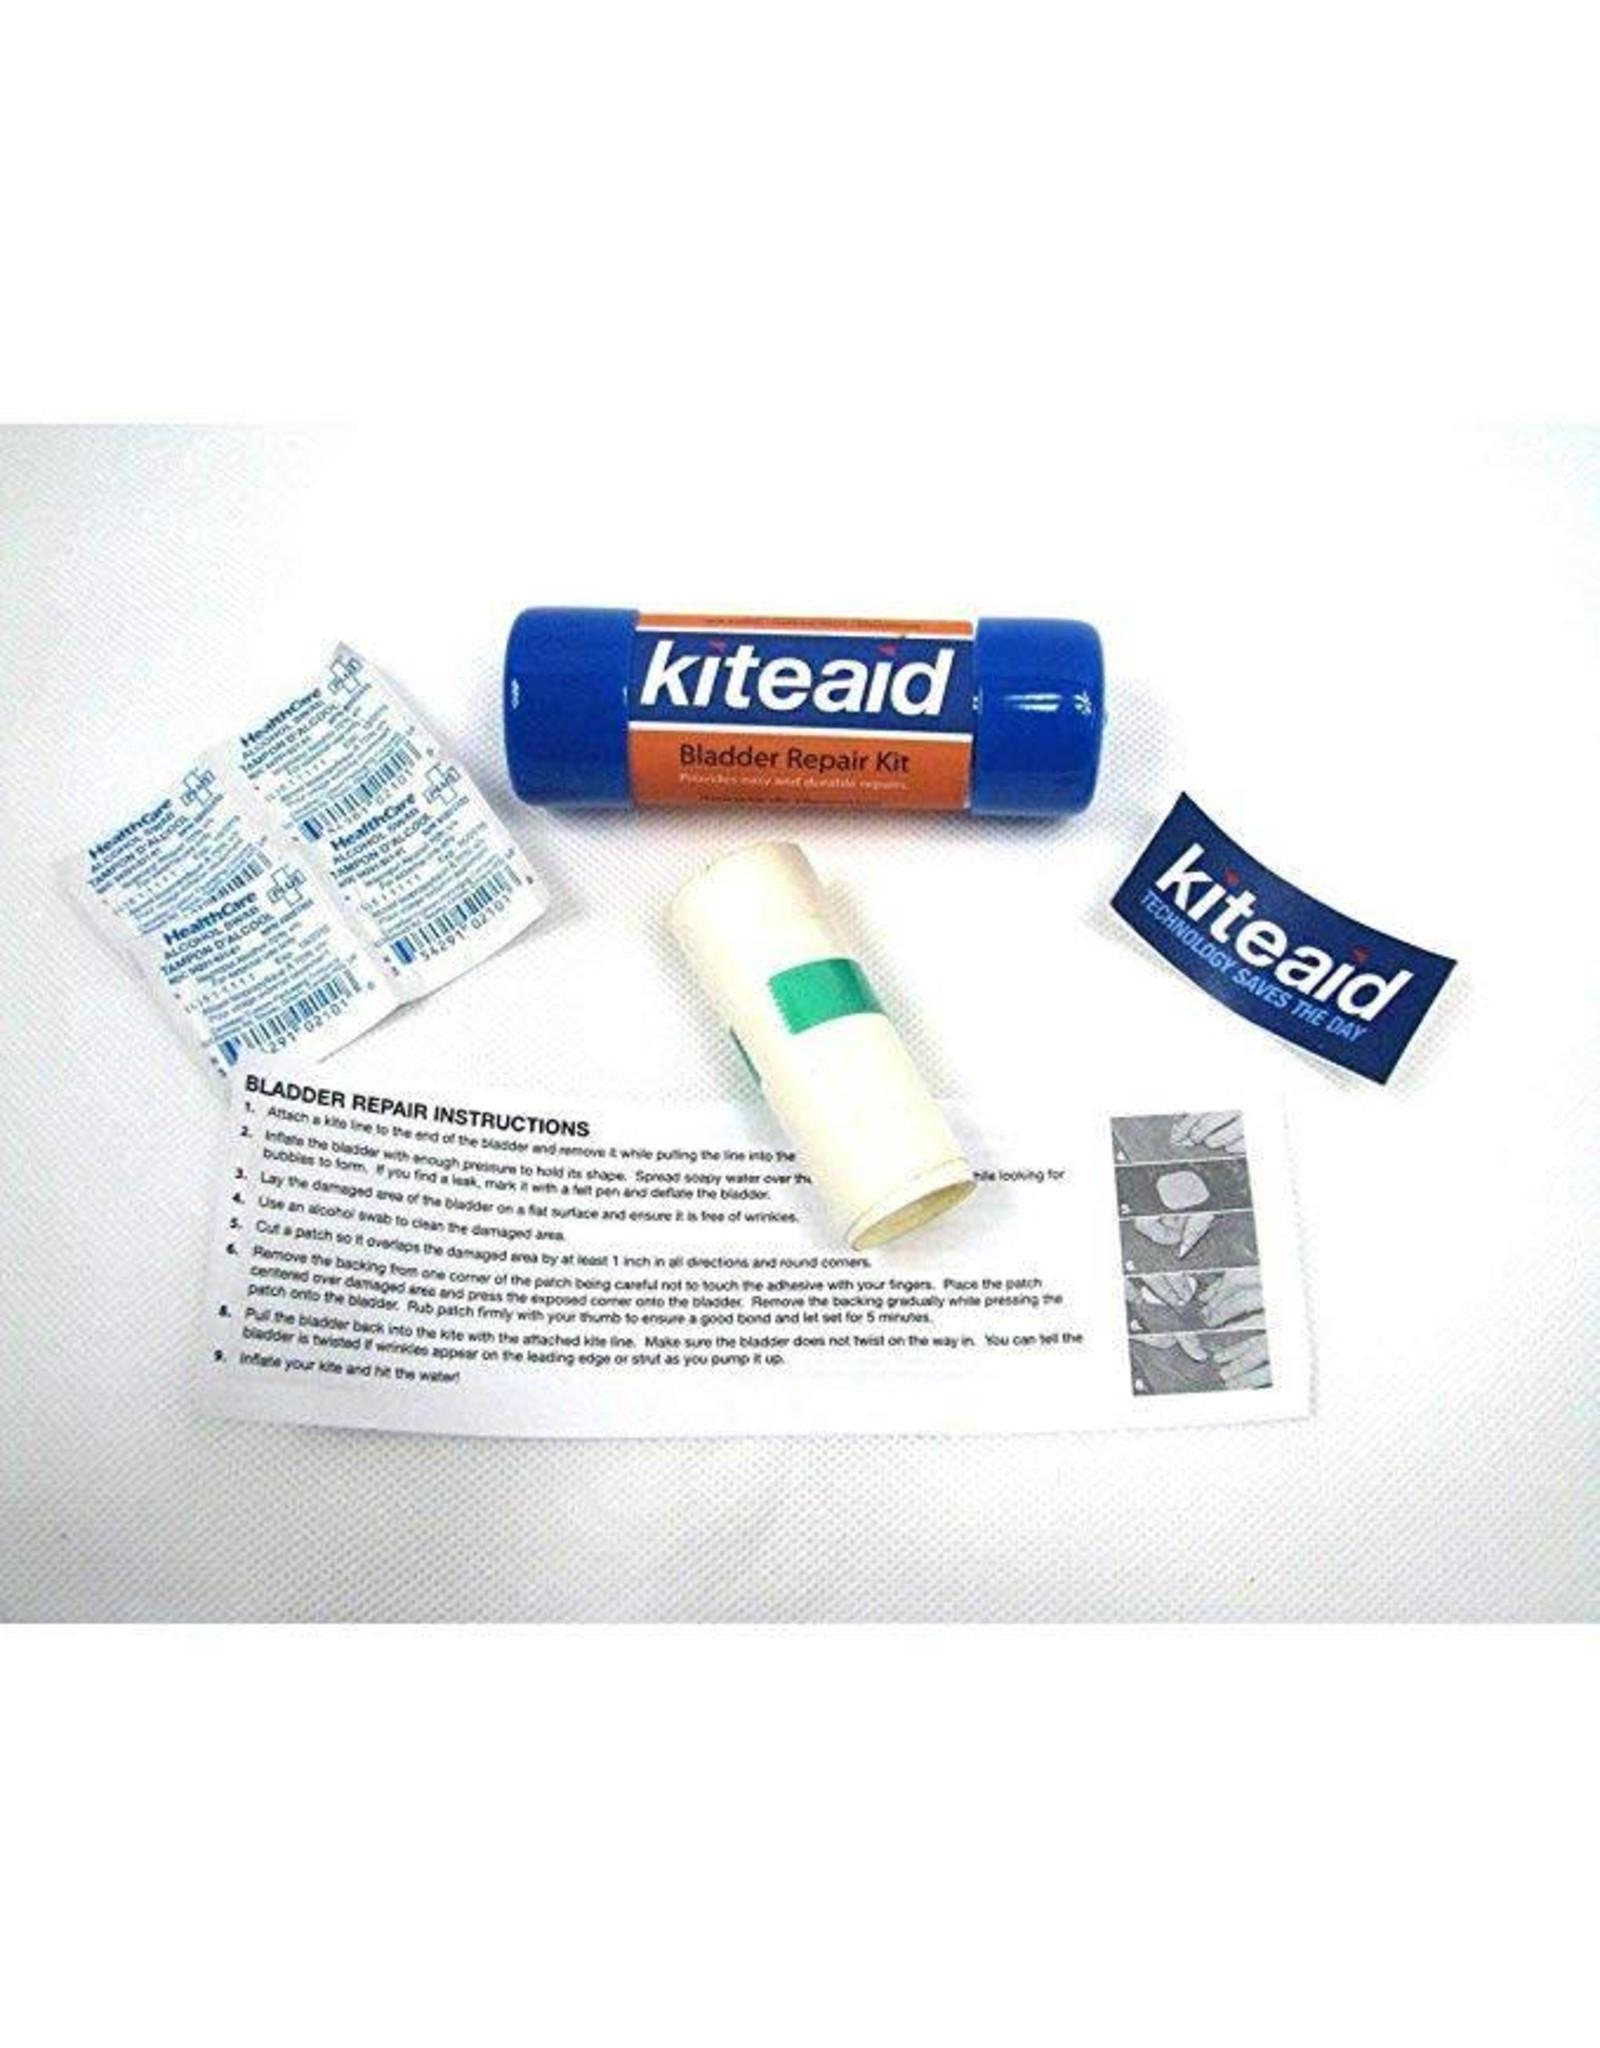 Kiteaid Kiteaid Bladder Repair Kit